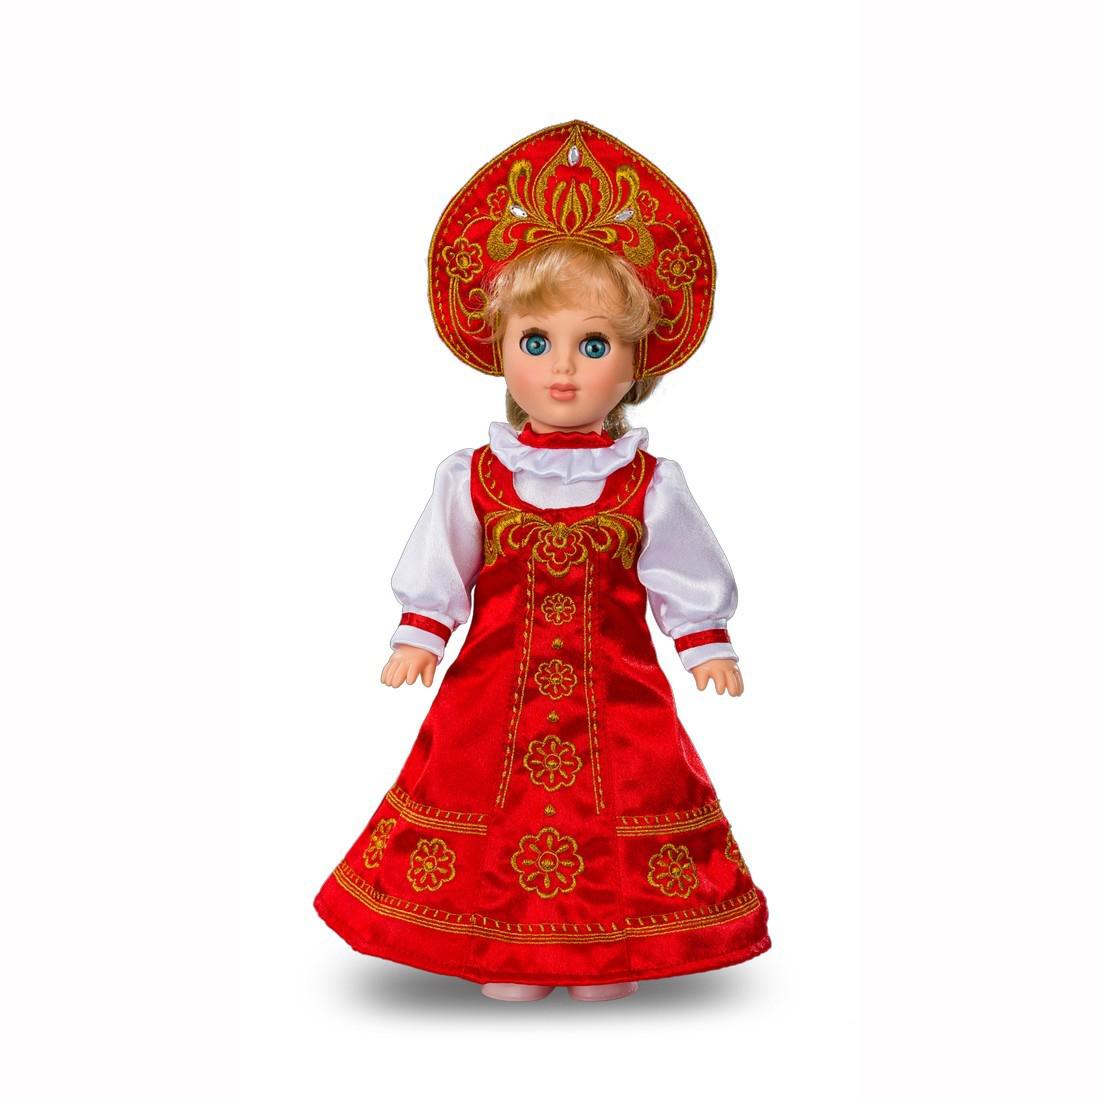 Кукла - Алла Русская красавица, 42 смРусские куклы фабрики Весна<br>Кукла - Алла Русская красавица, 42 см<br>